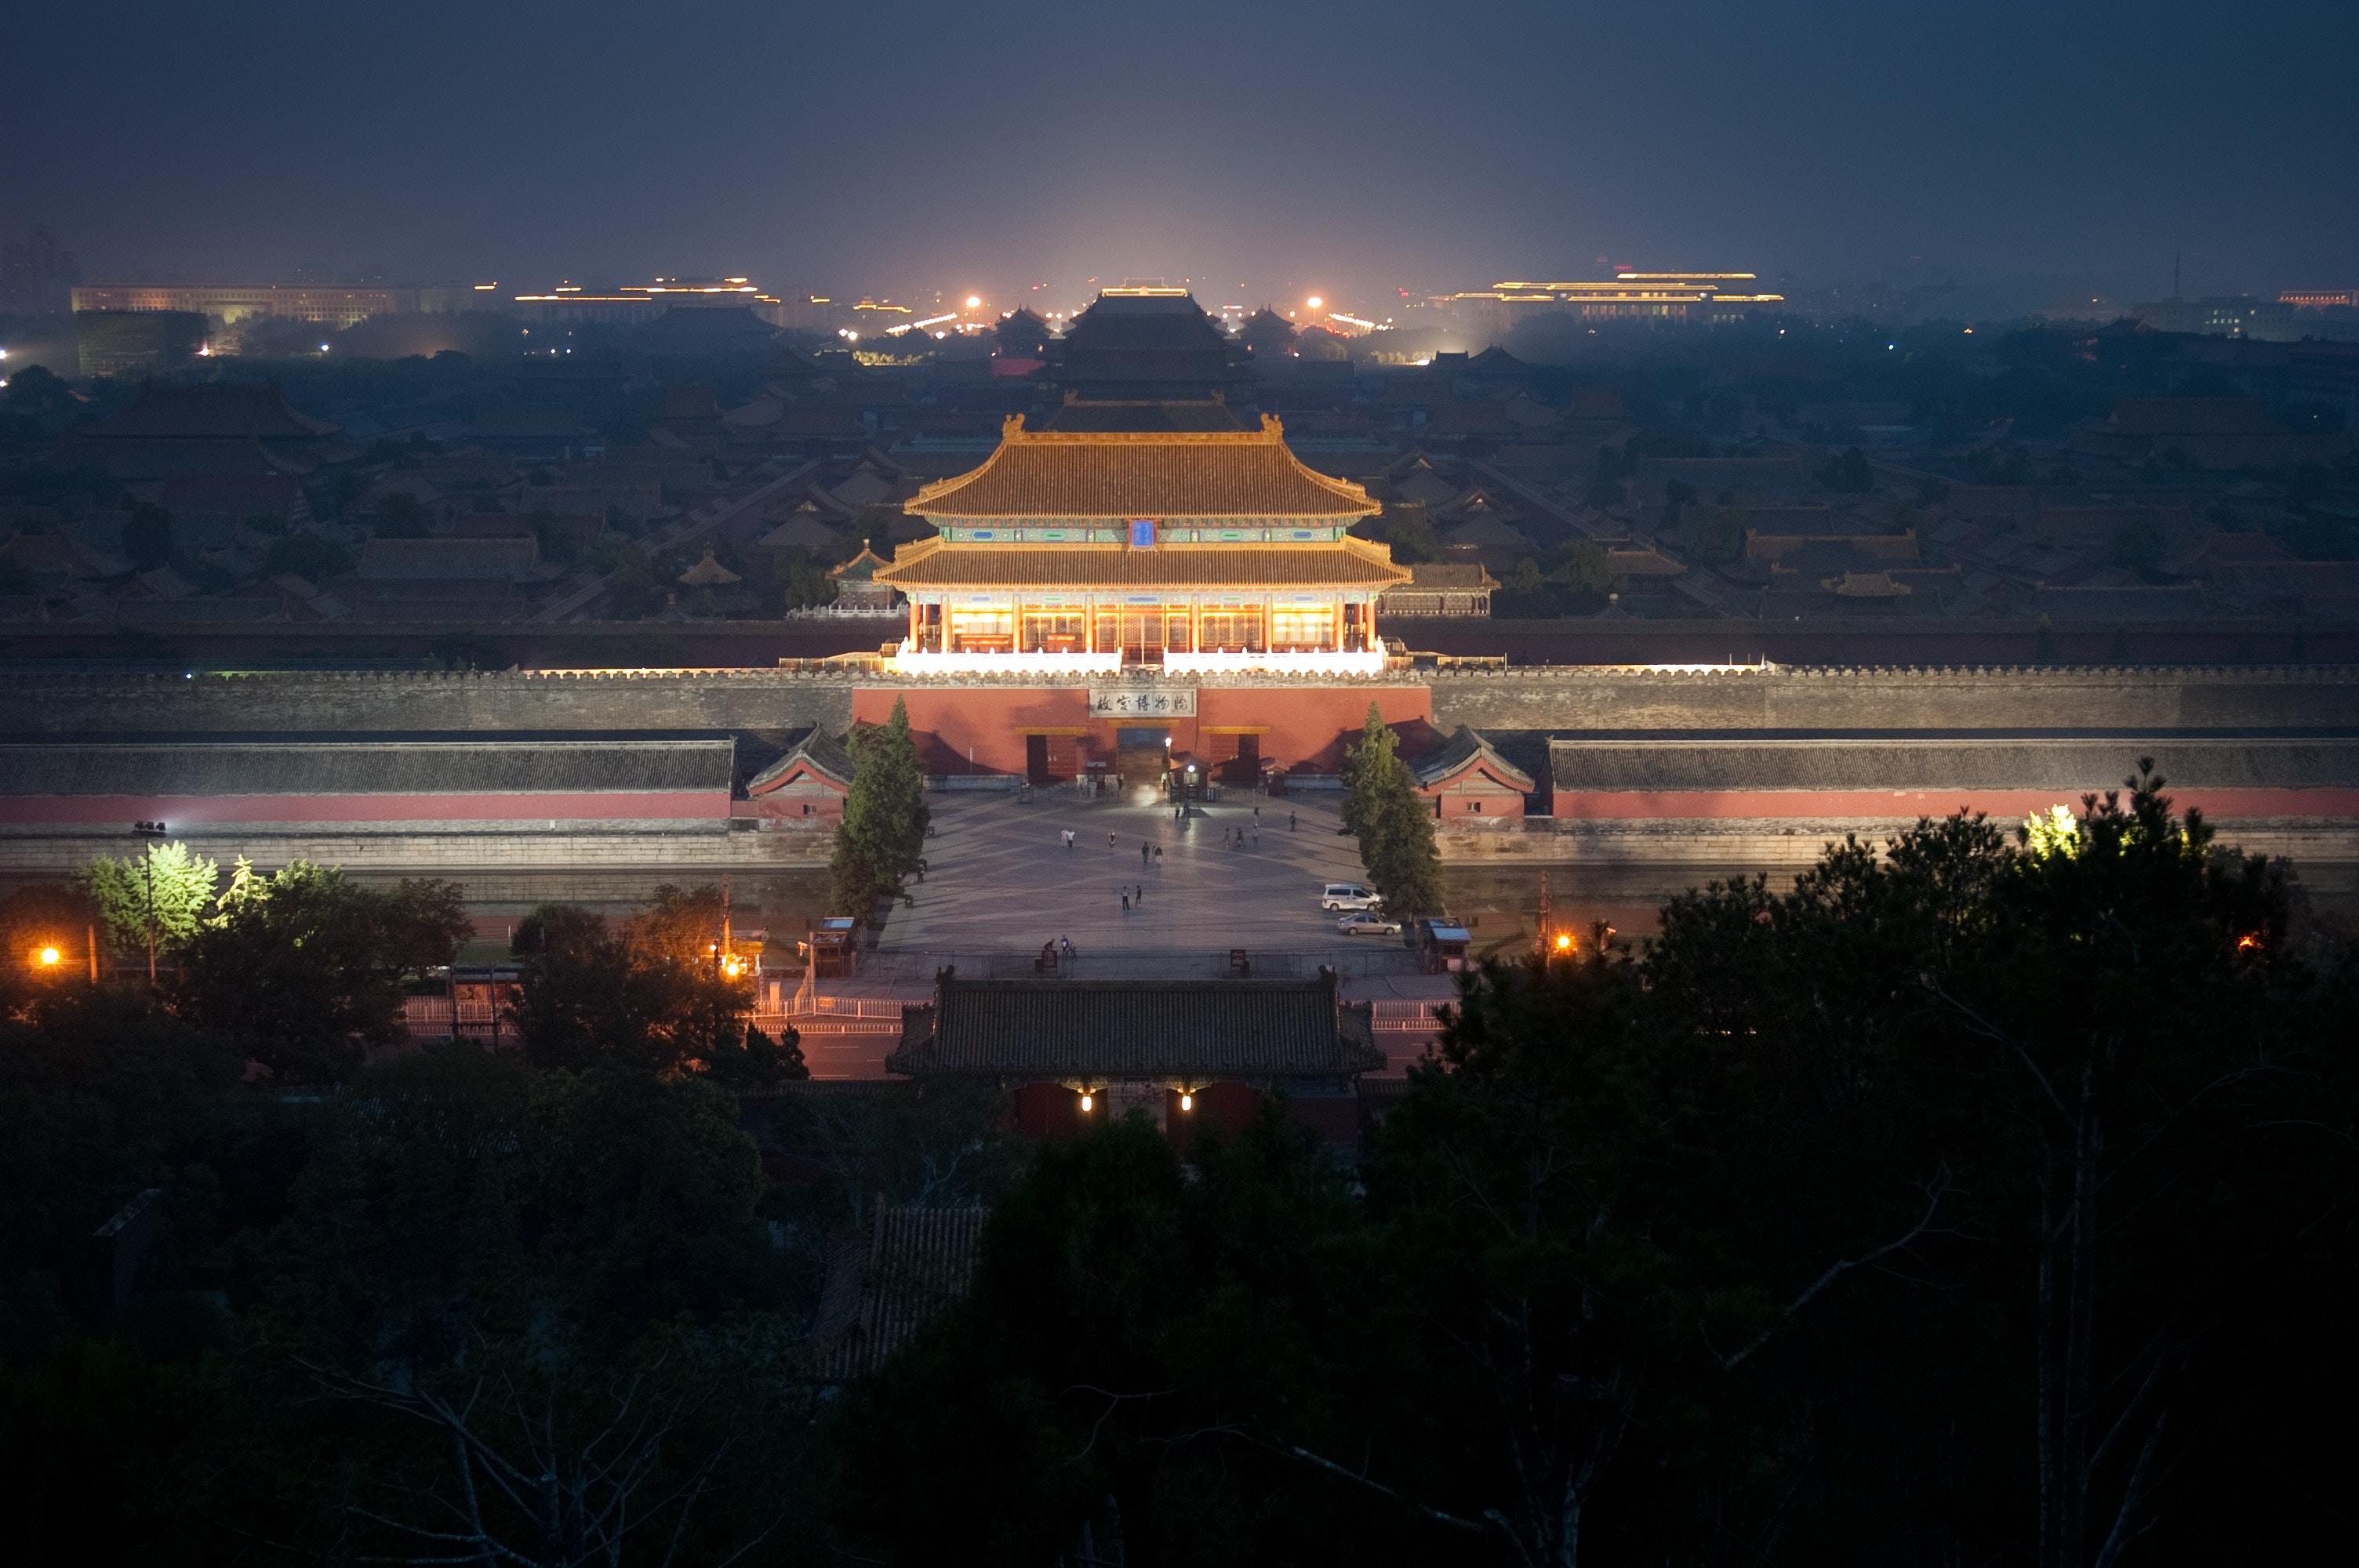 Pour sauver Huawei, la Chine menace de contre-attaquer : « Si les États-Unis veulent l'affrontement, nous sommes prêts »